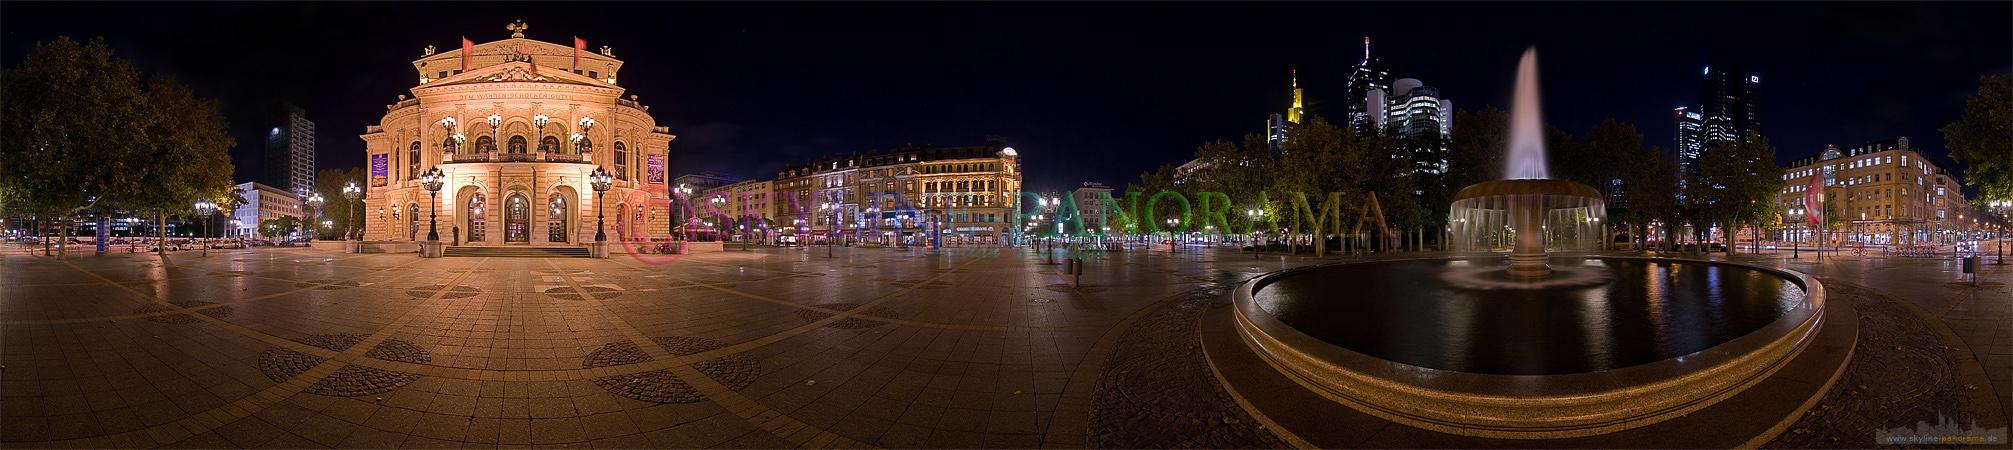 Frankfurt Bilder - Der Frankfurter Opernplatz mit der Alten Oper als 360° Panorama.